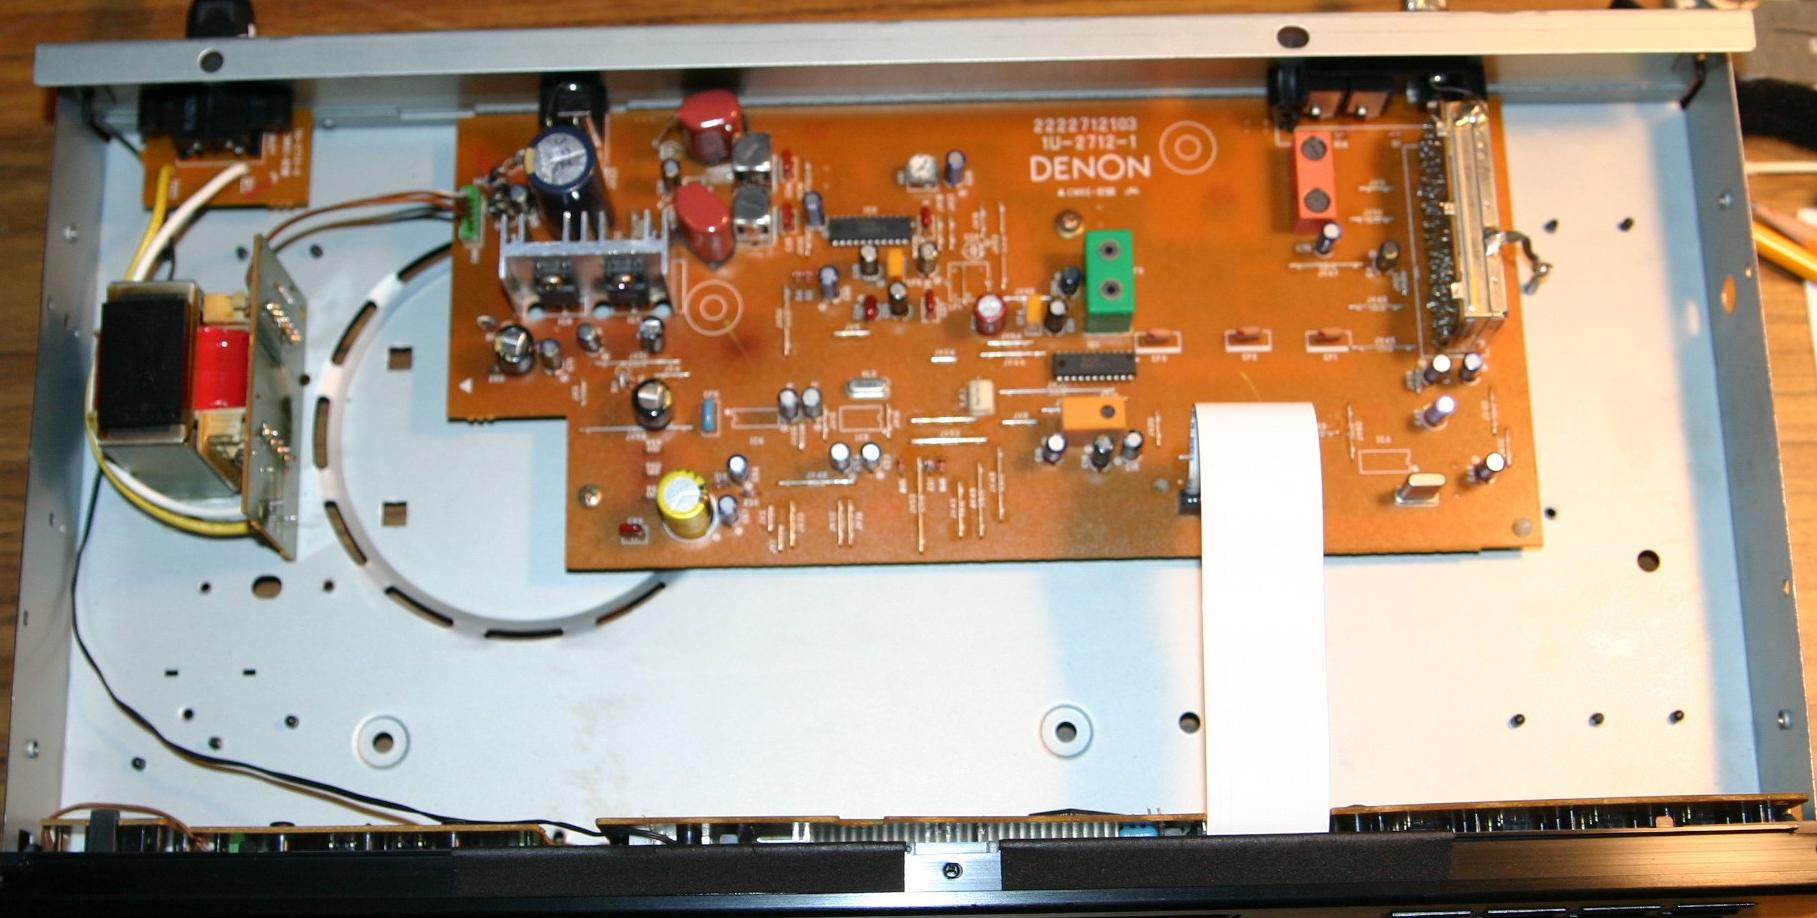 Heat Sink Wiring Diagram Tuner Information Center Tuner Reviews D G